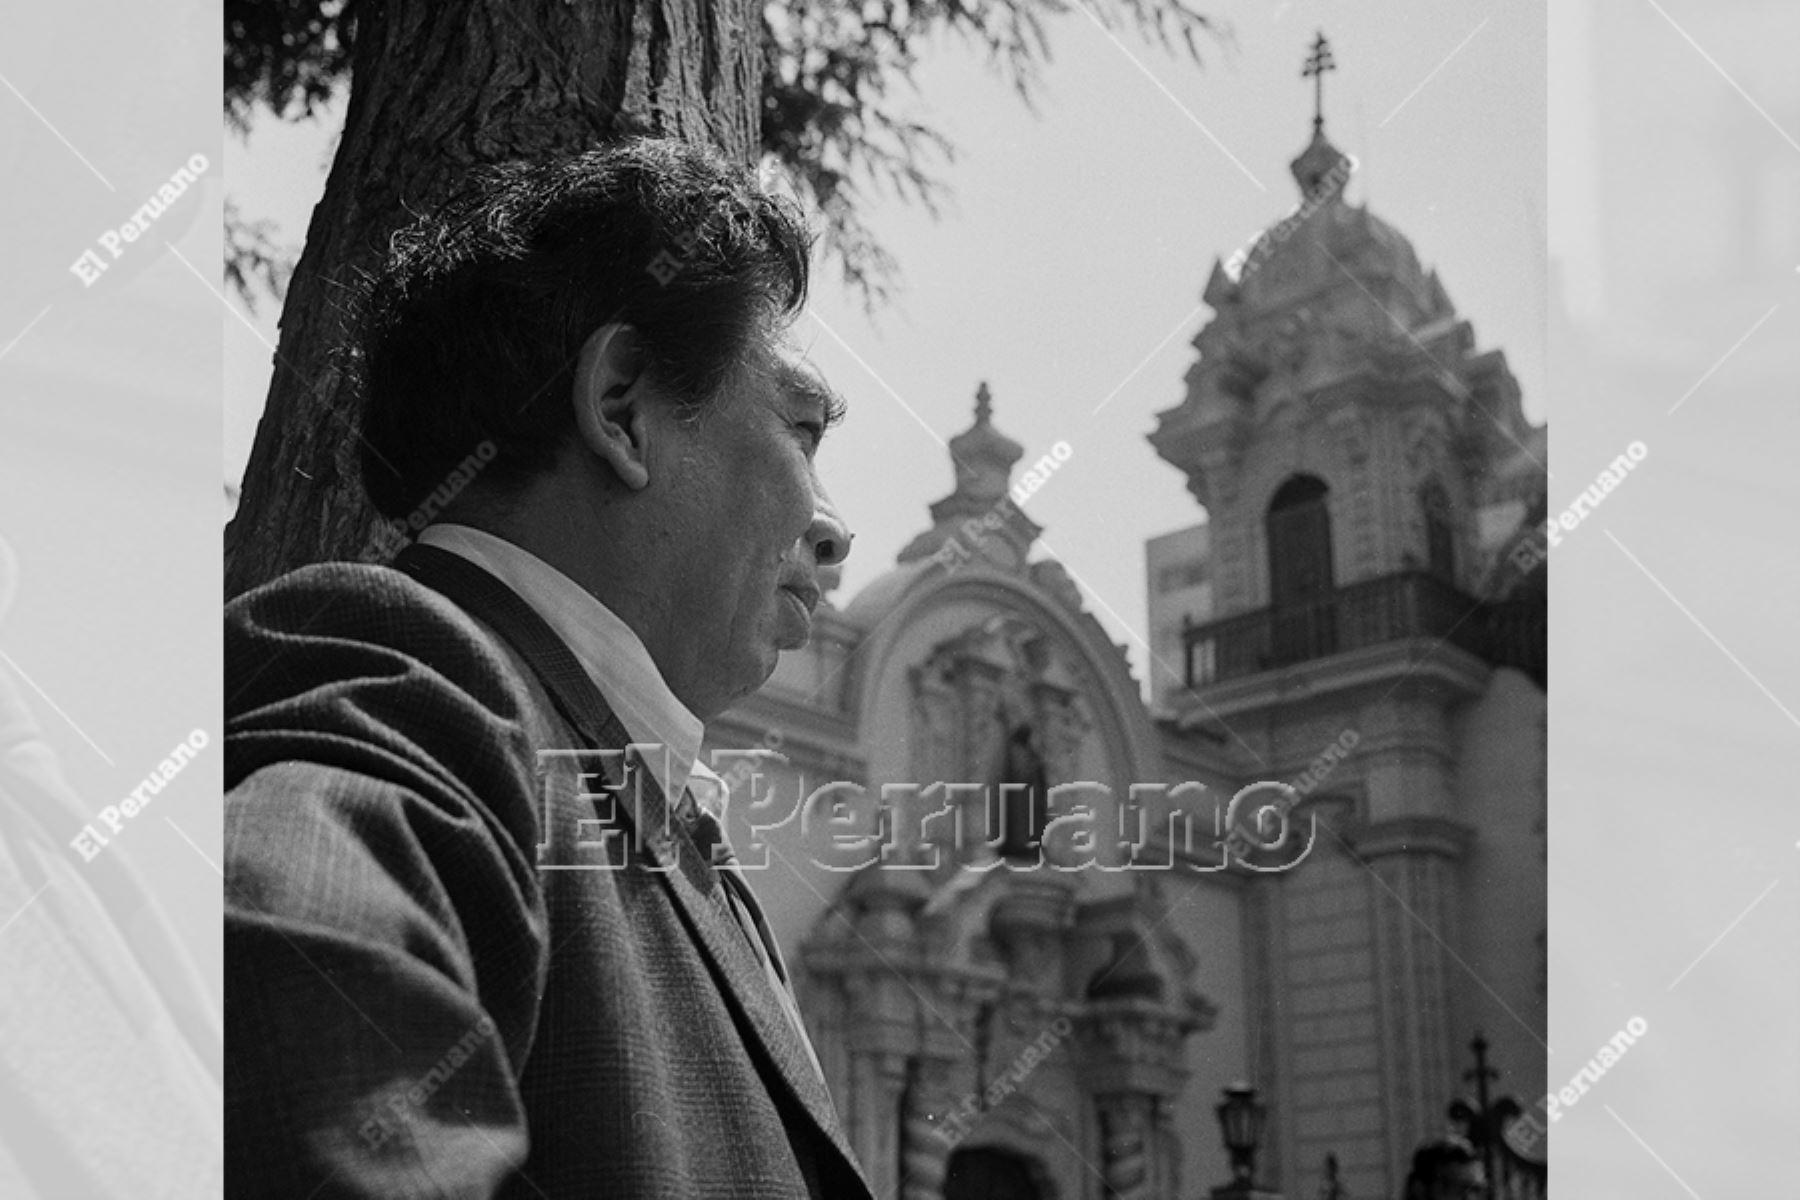 Lima - 22 marzo 1975 / Entrevista al pintor Víctor Humareda frente al convento de San Francisco.  Foto: Archivo Histórico de EL PERUANO / Leoncio Mariscal